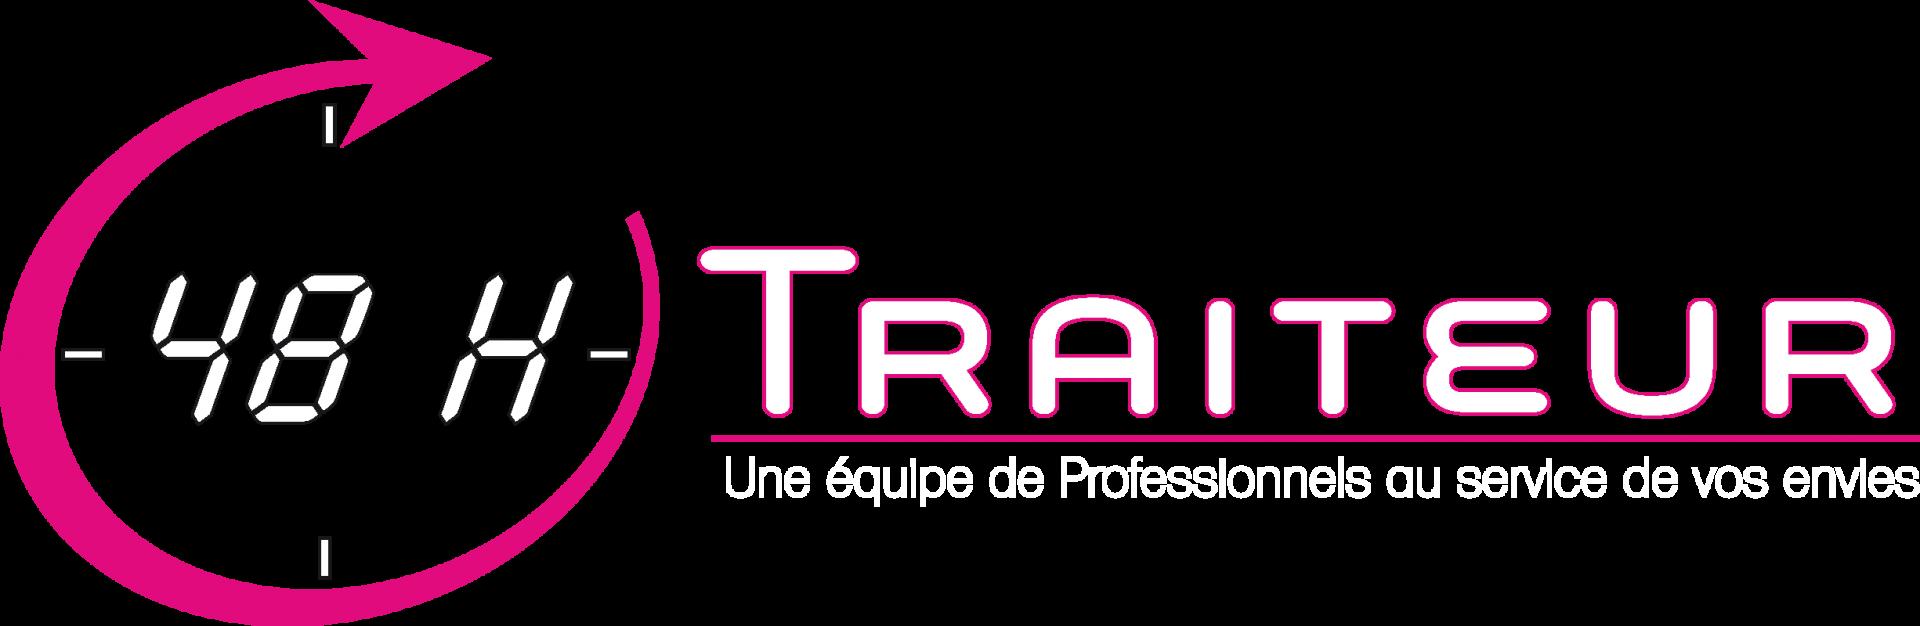 Logo 48h traiteur vectorise 2 1